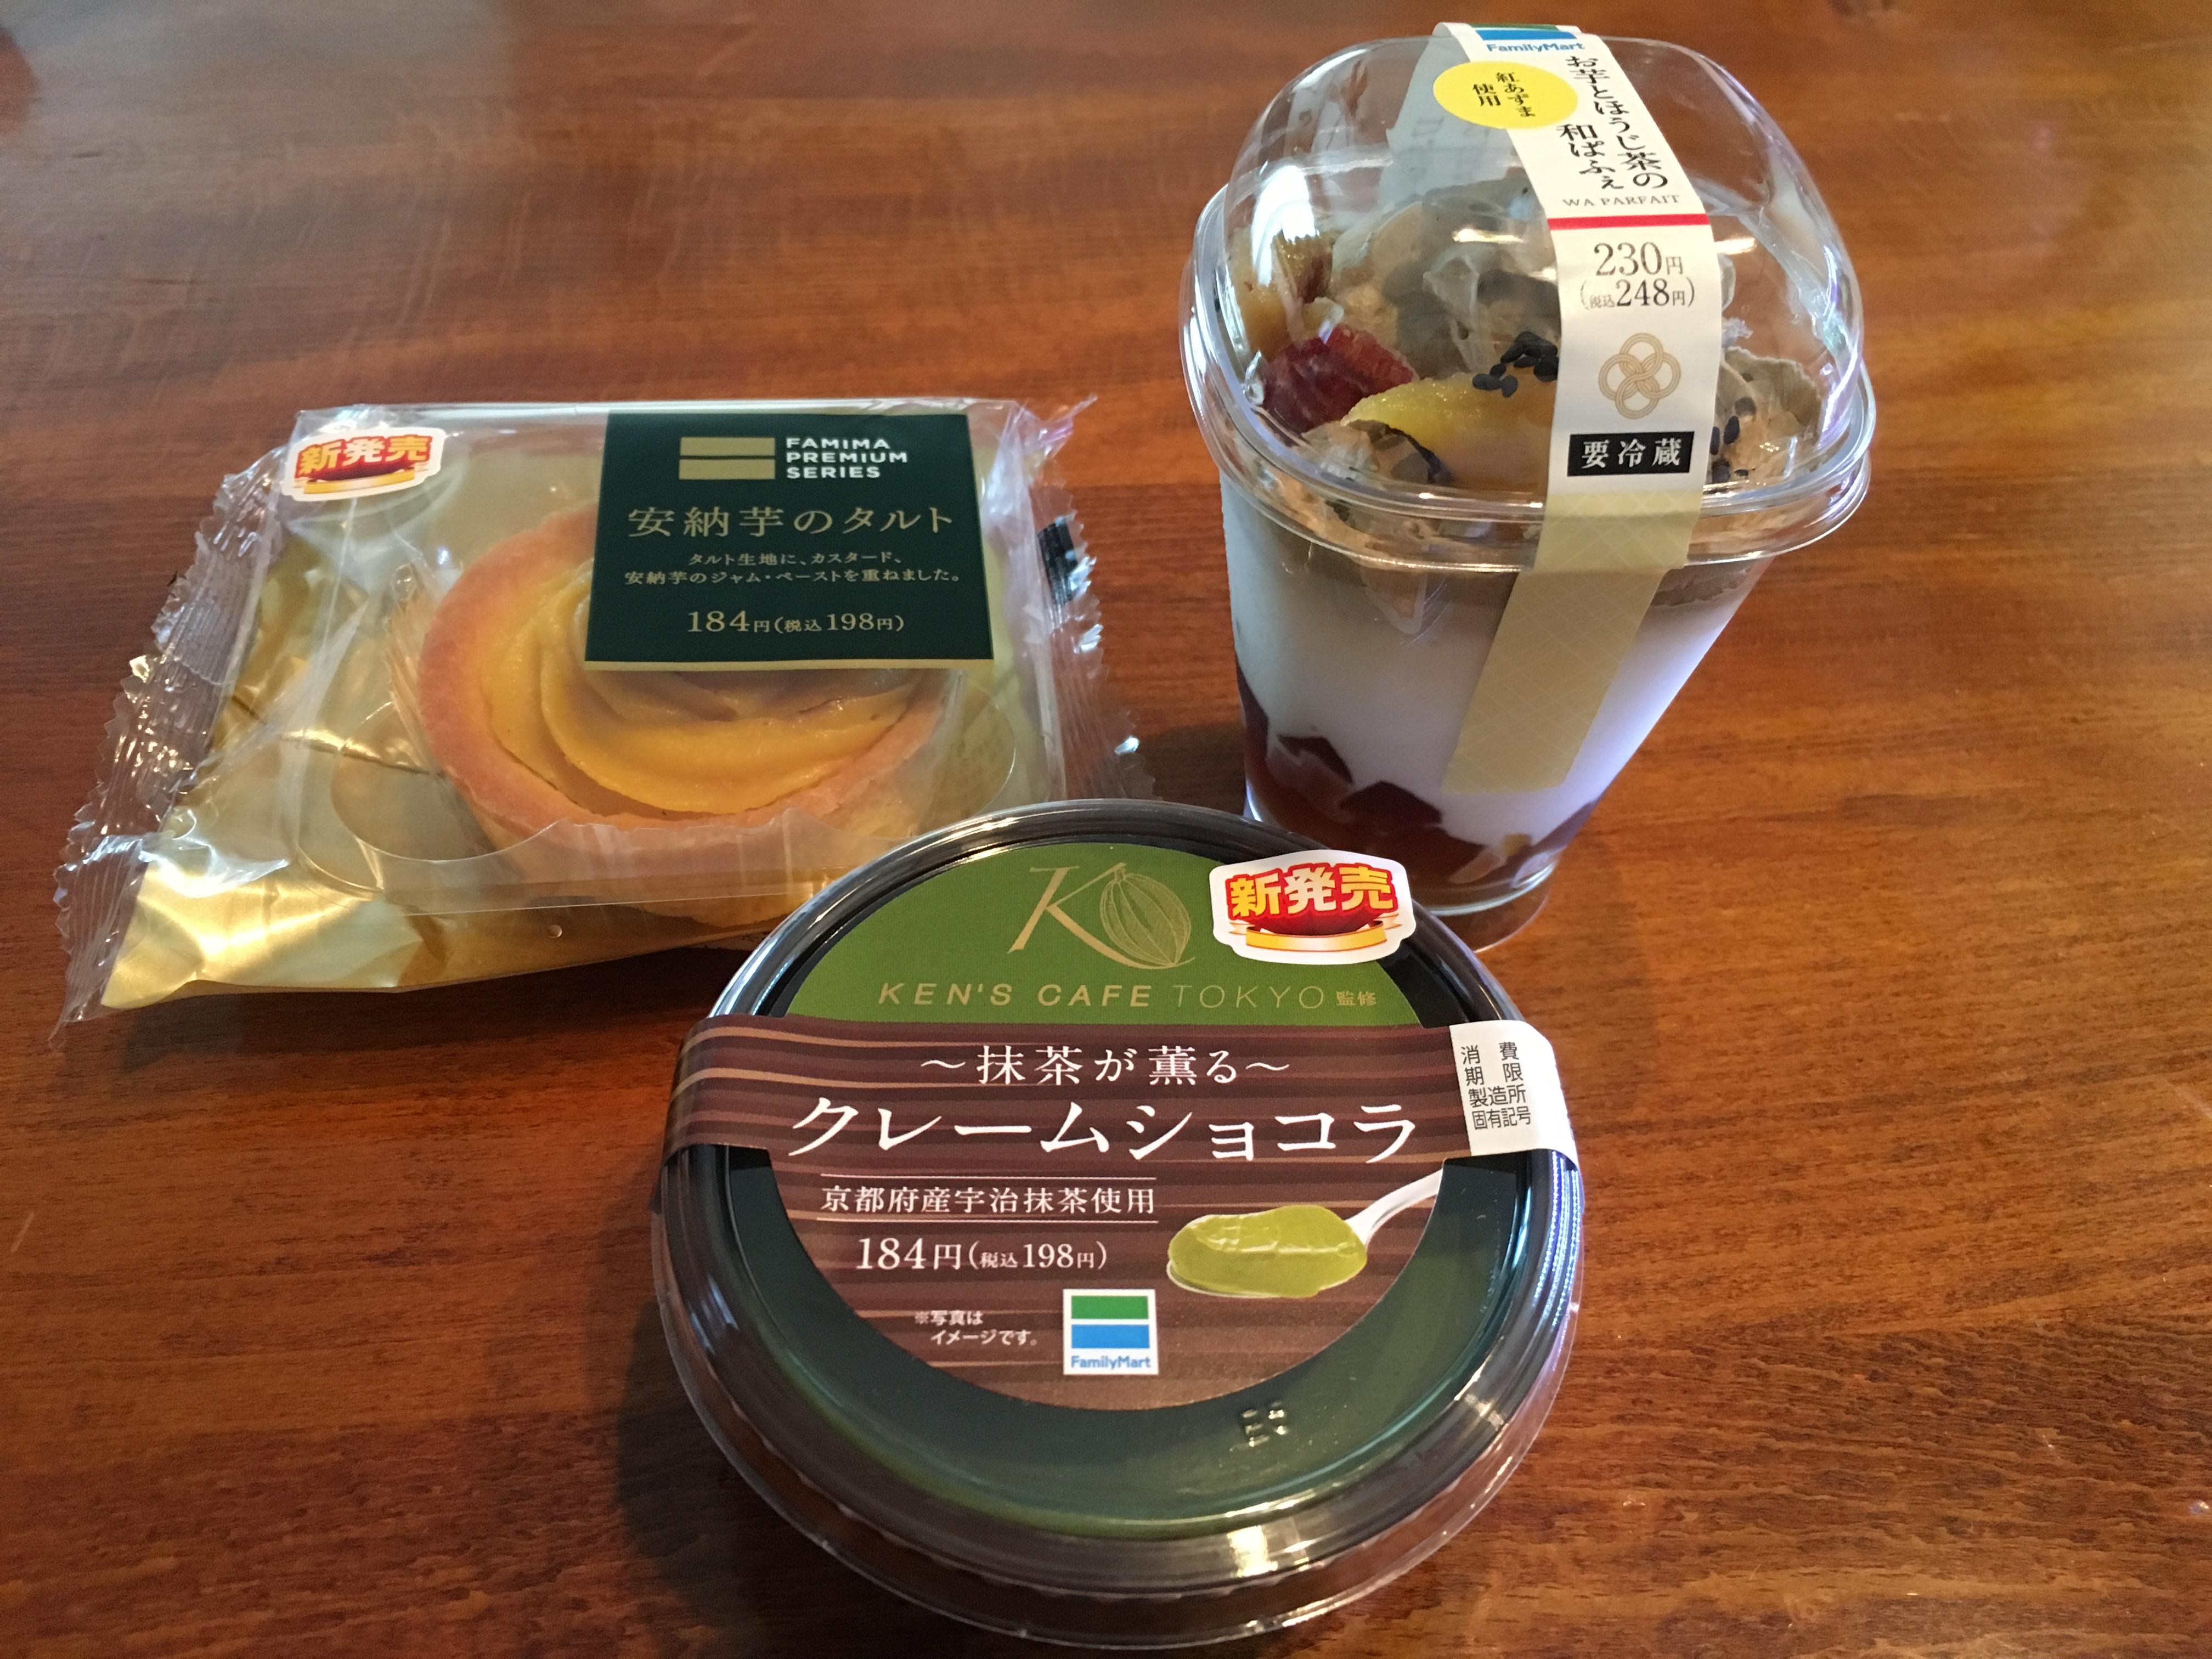 【ファミマ新作】ほっこり美味しい秋の芋スイーツ3選を食べ比べ!